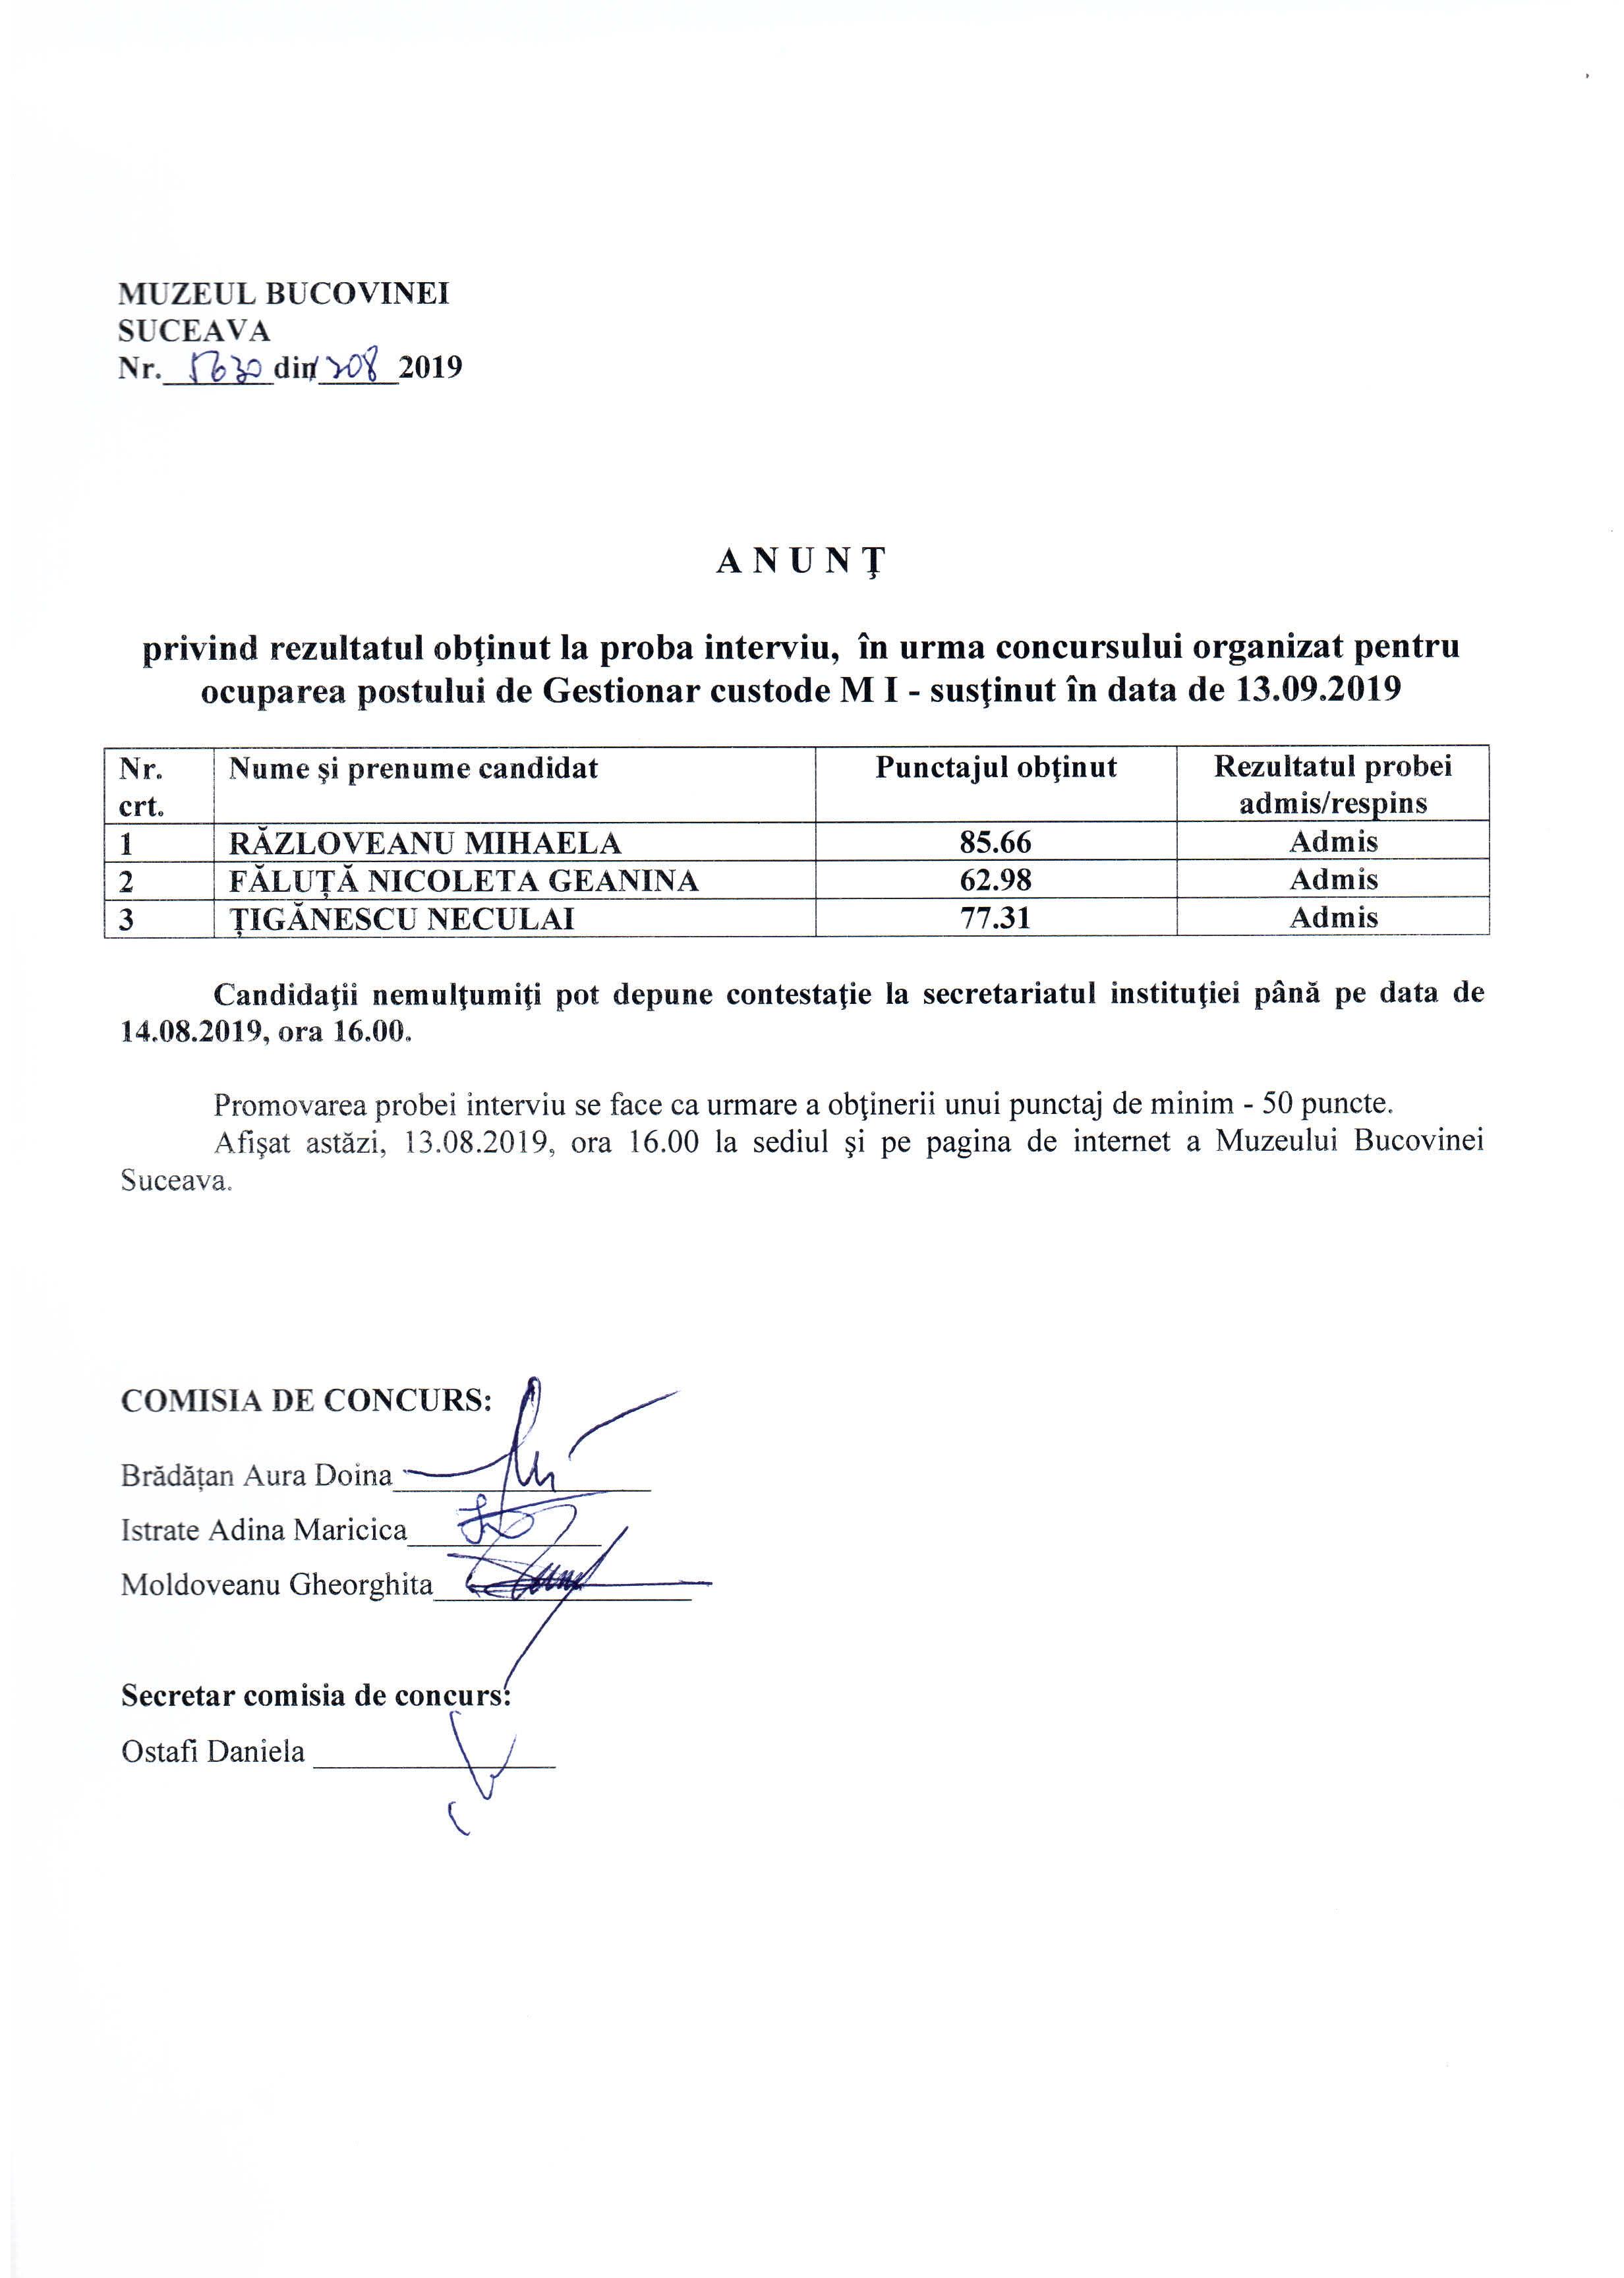 ANUNT privind rezultatul obtinut in proba interviu, in urma concursului organizat pentru ocuparea postului de Gestionar Custode M I - sustinut in data de 13.09.2019